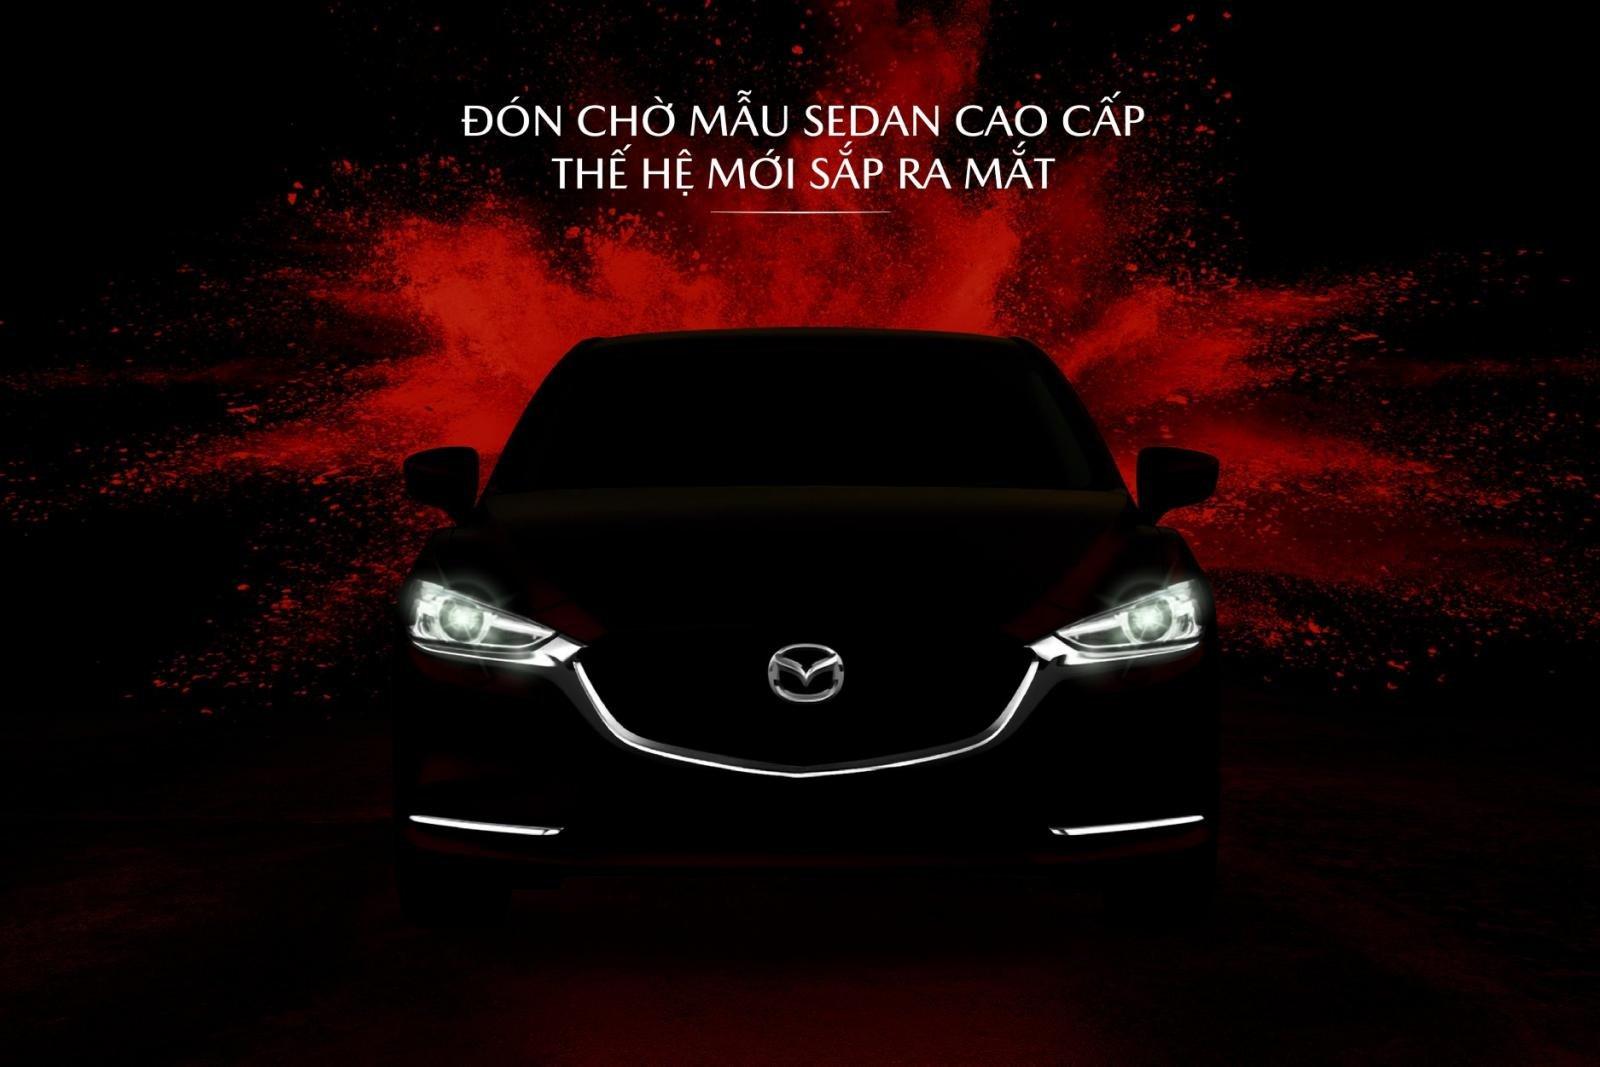 Mazda Việt Nam nhá hàng mẫu xe mới: Mazda 6 được gọi tên đầu tiên.